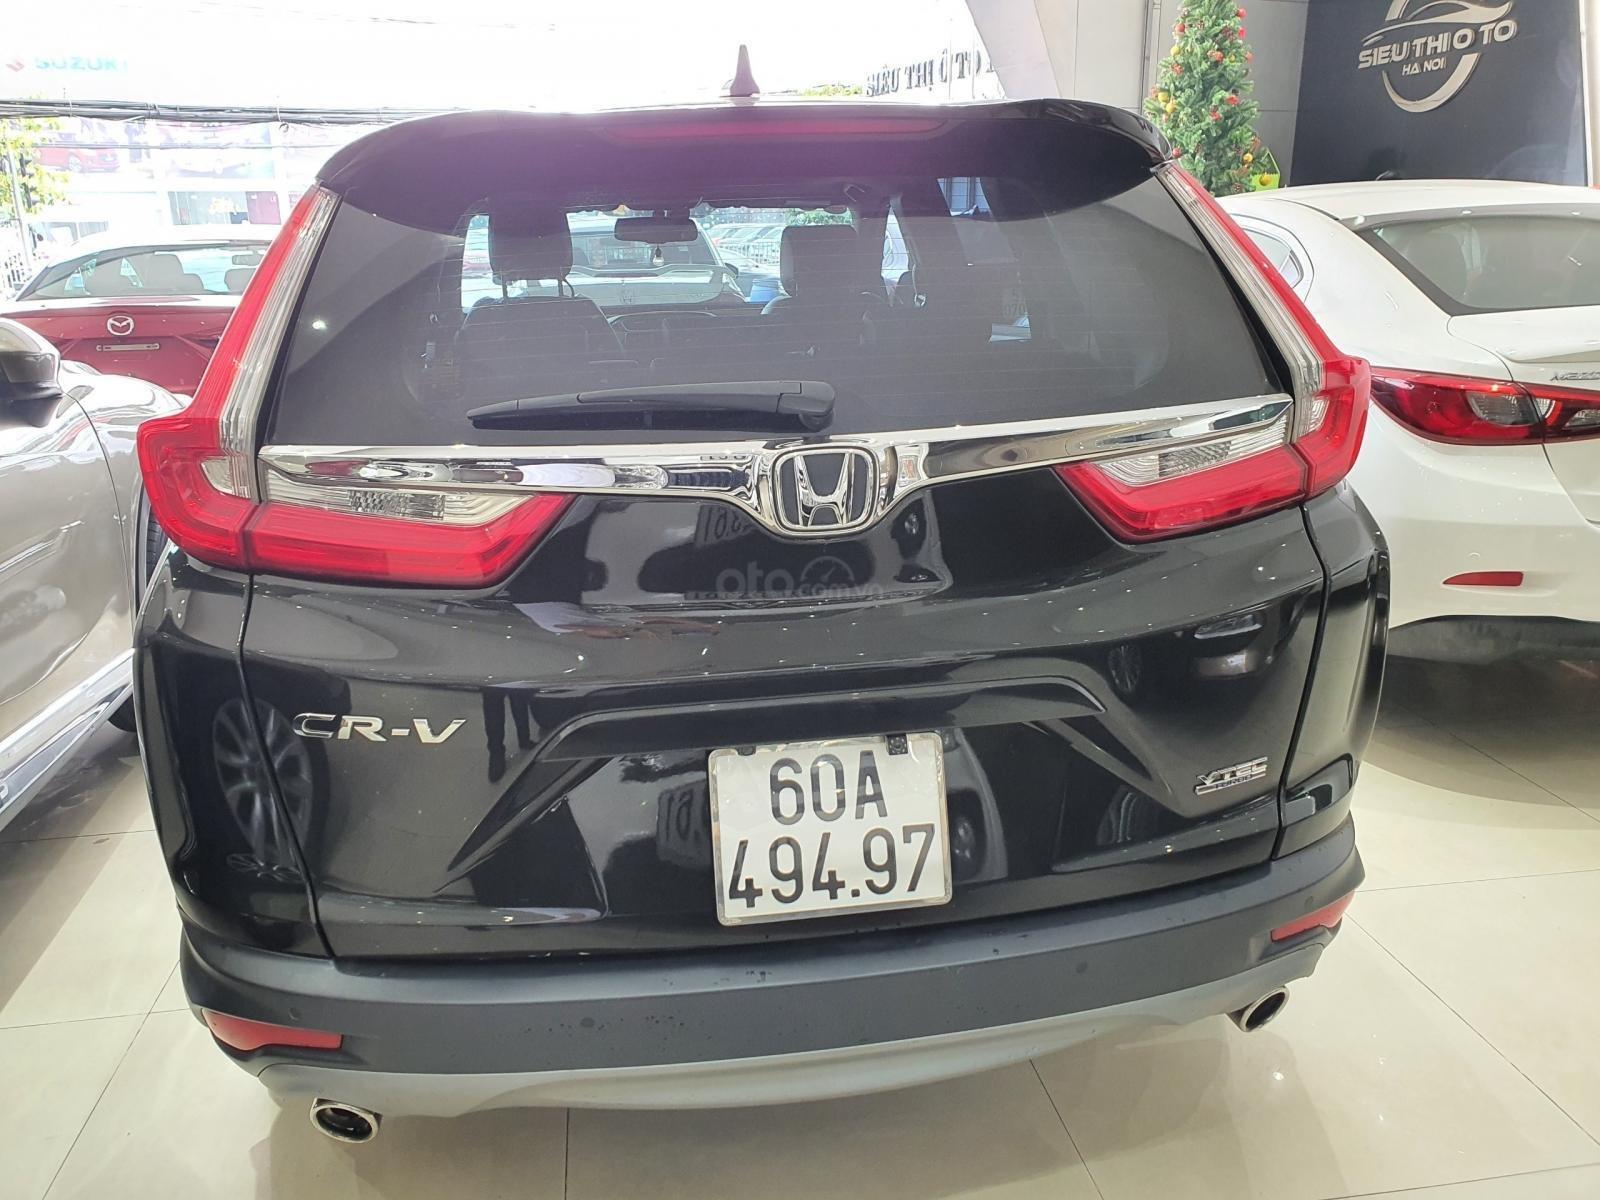 Bán xe Honda CR V sản xuất 2018, giá chỉ 960 triệu, xe siêu đẹp (4)